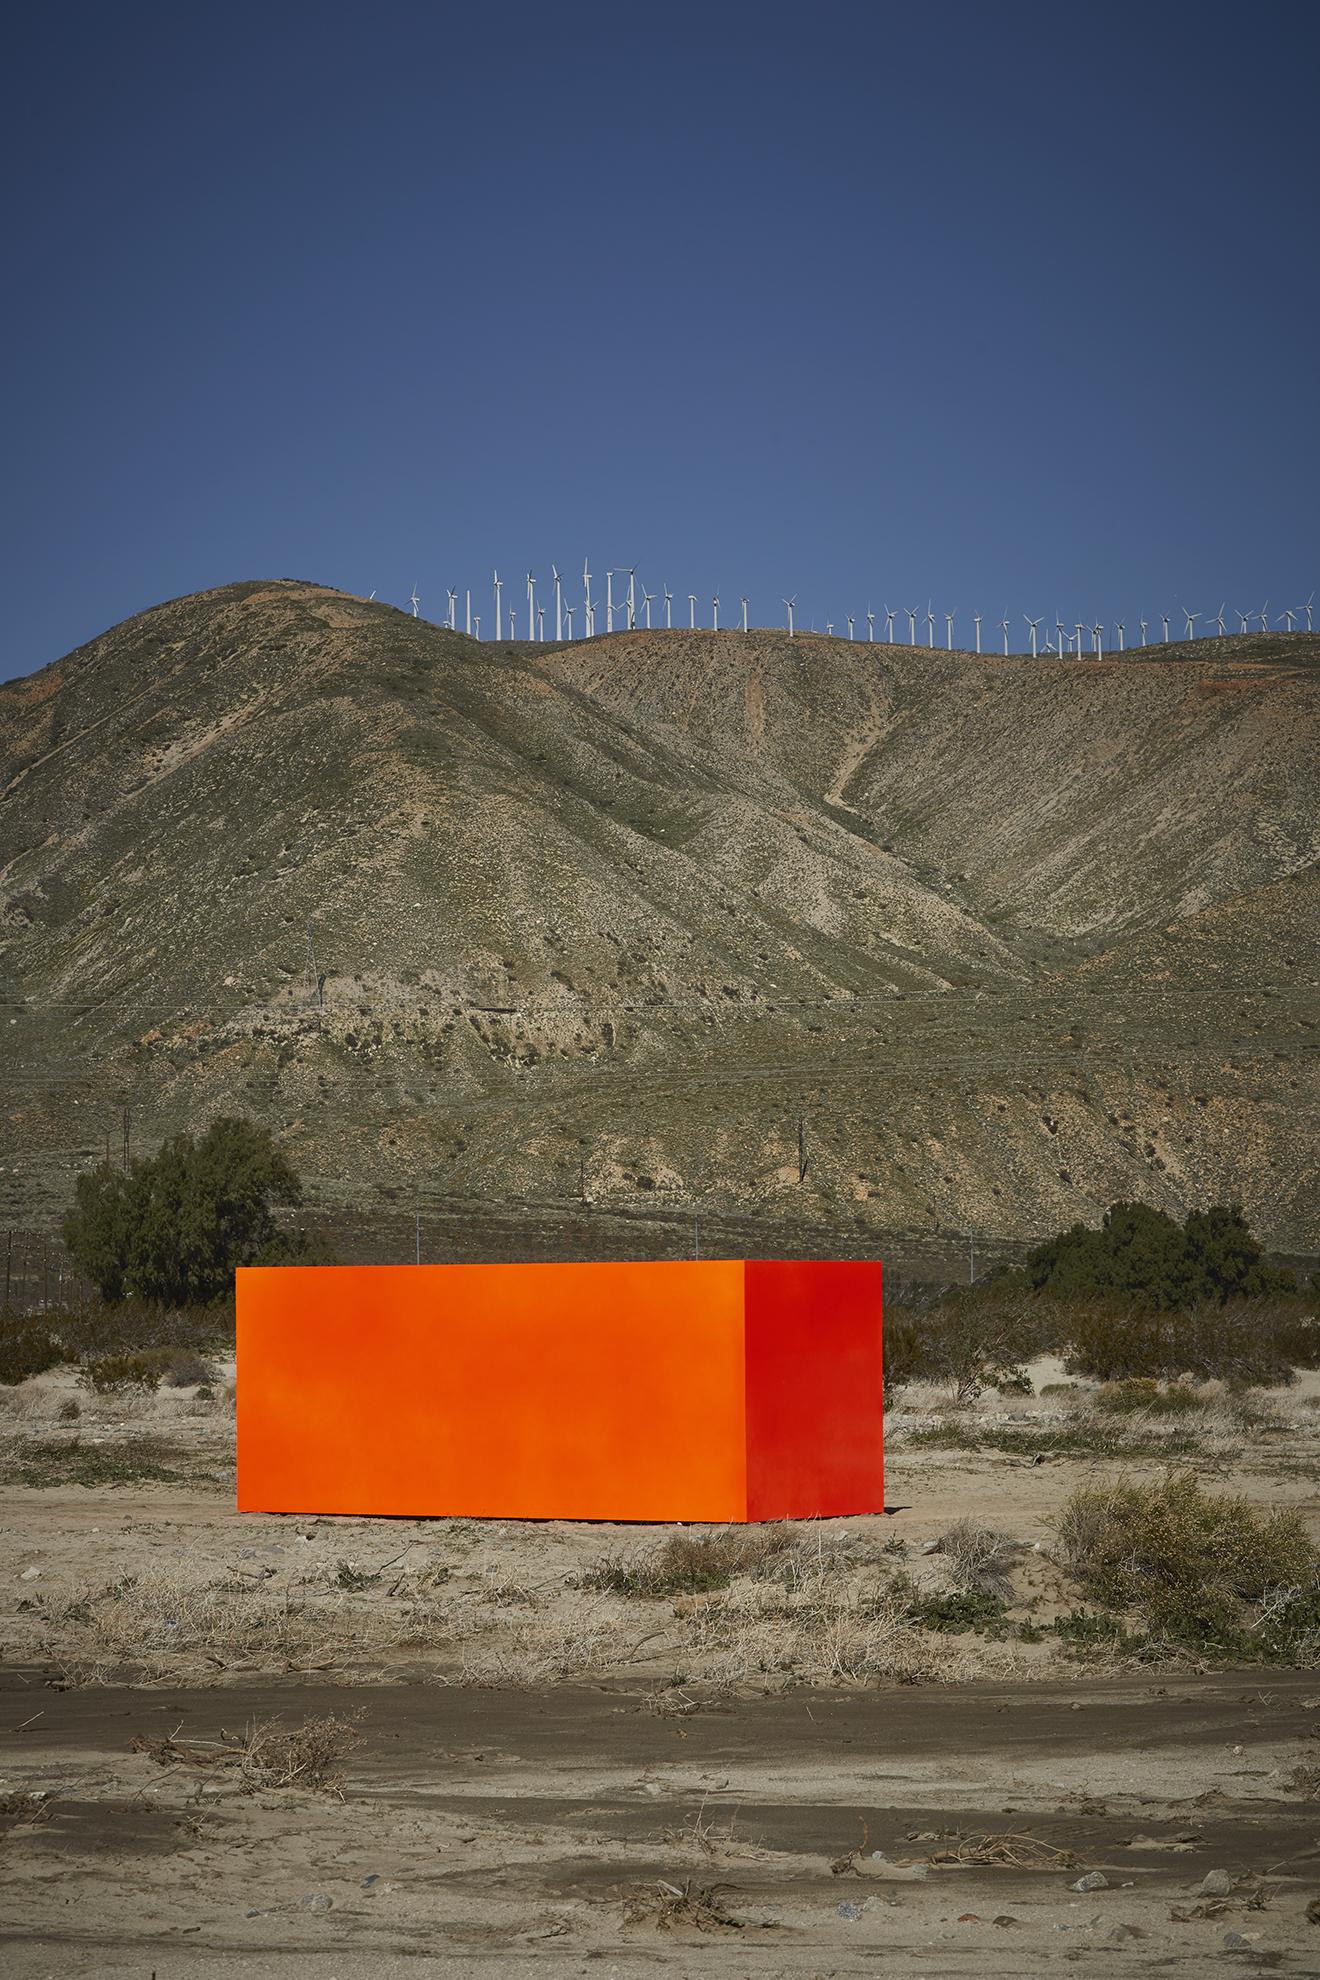 Sterling Ruby / Specter as part of Desert X 2019